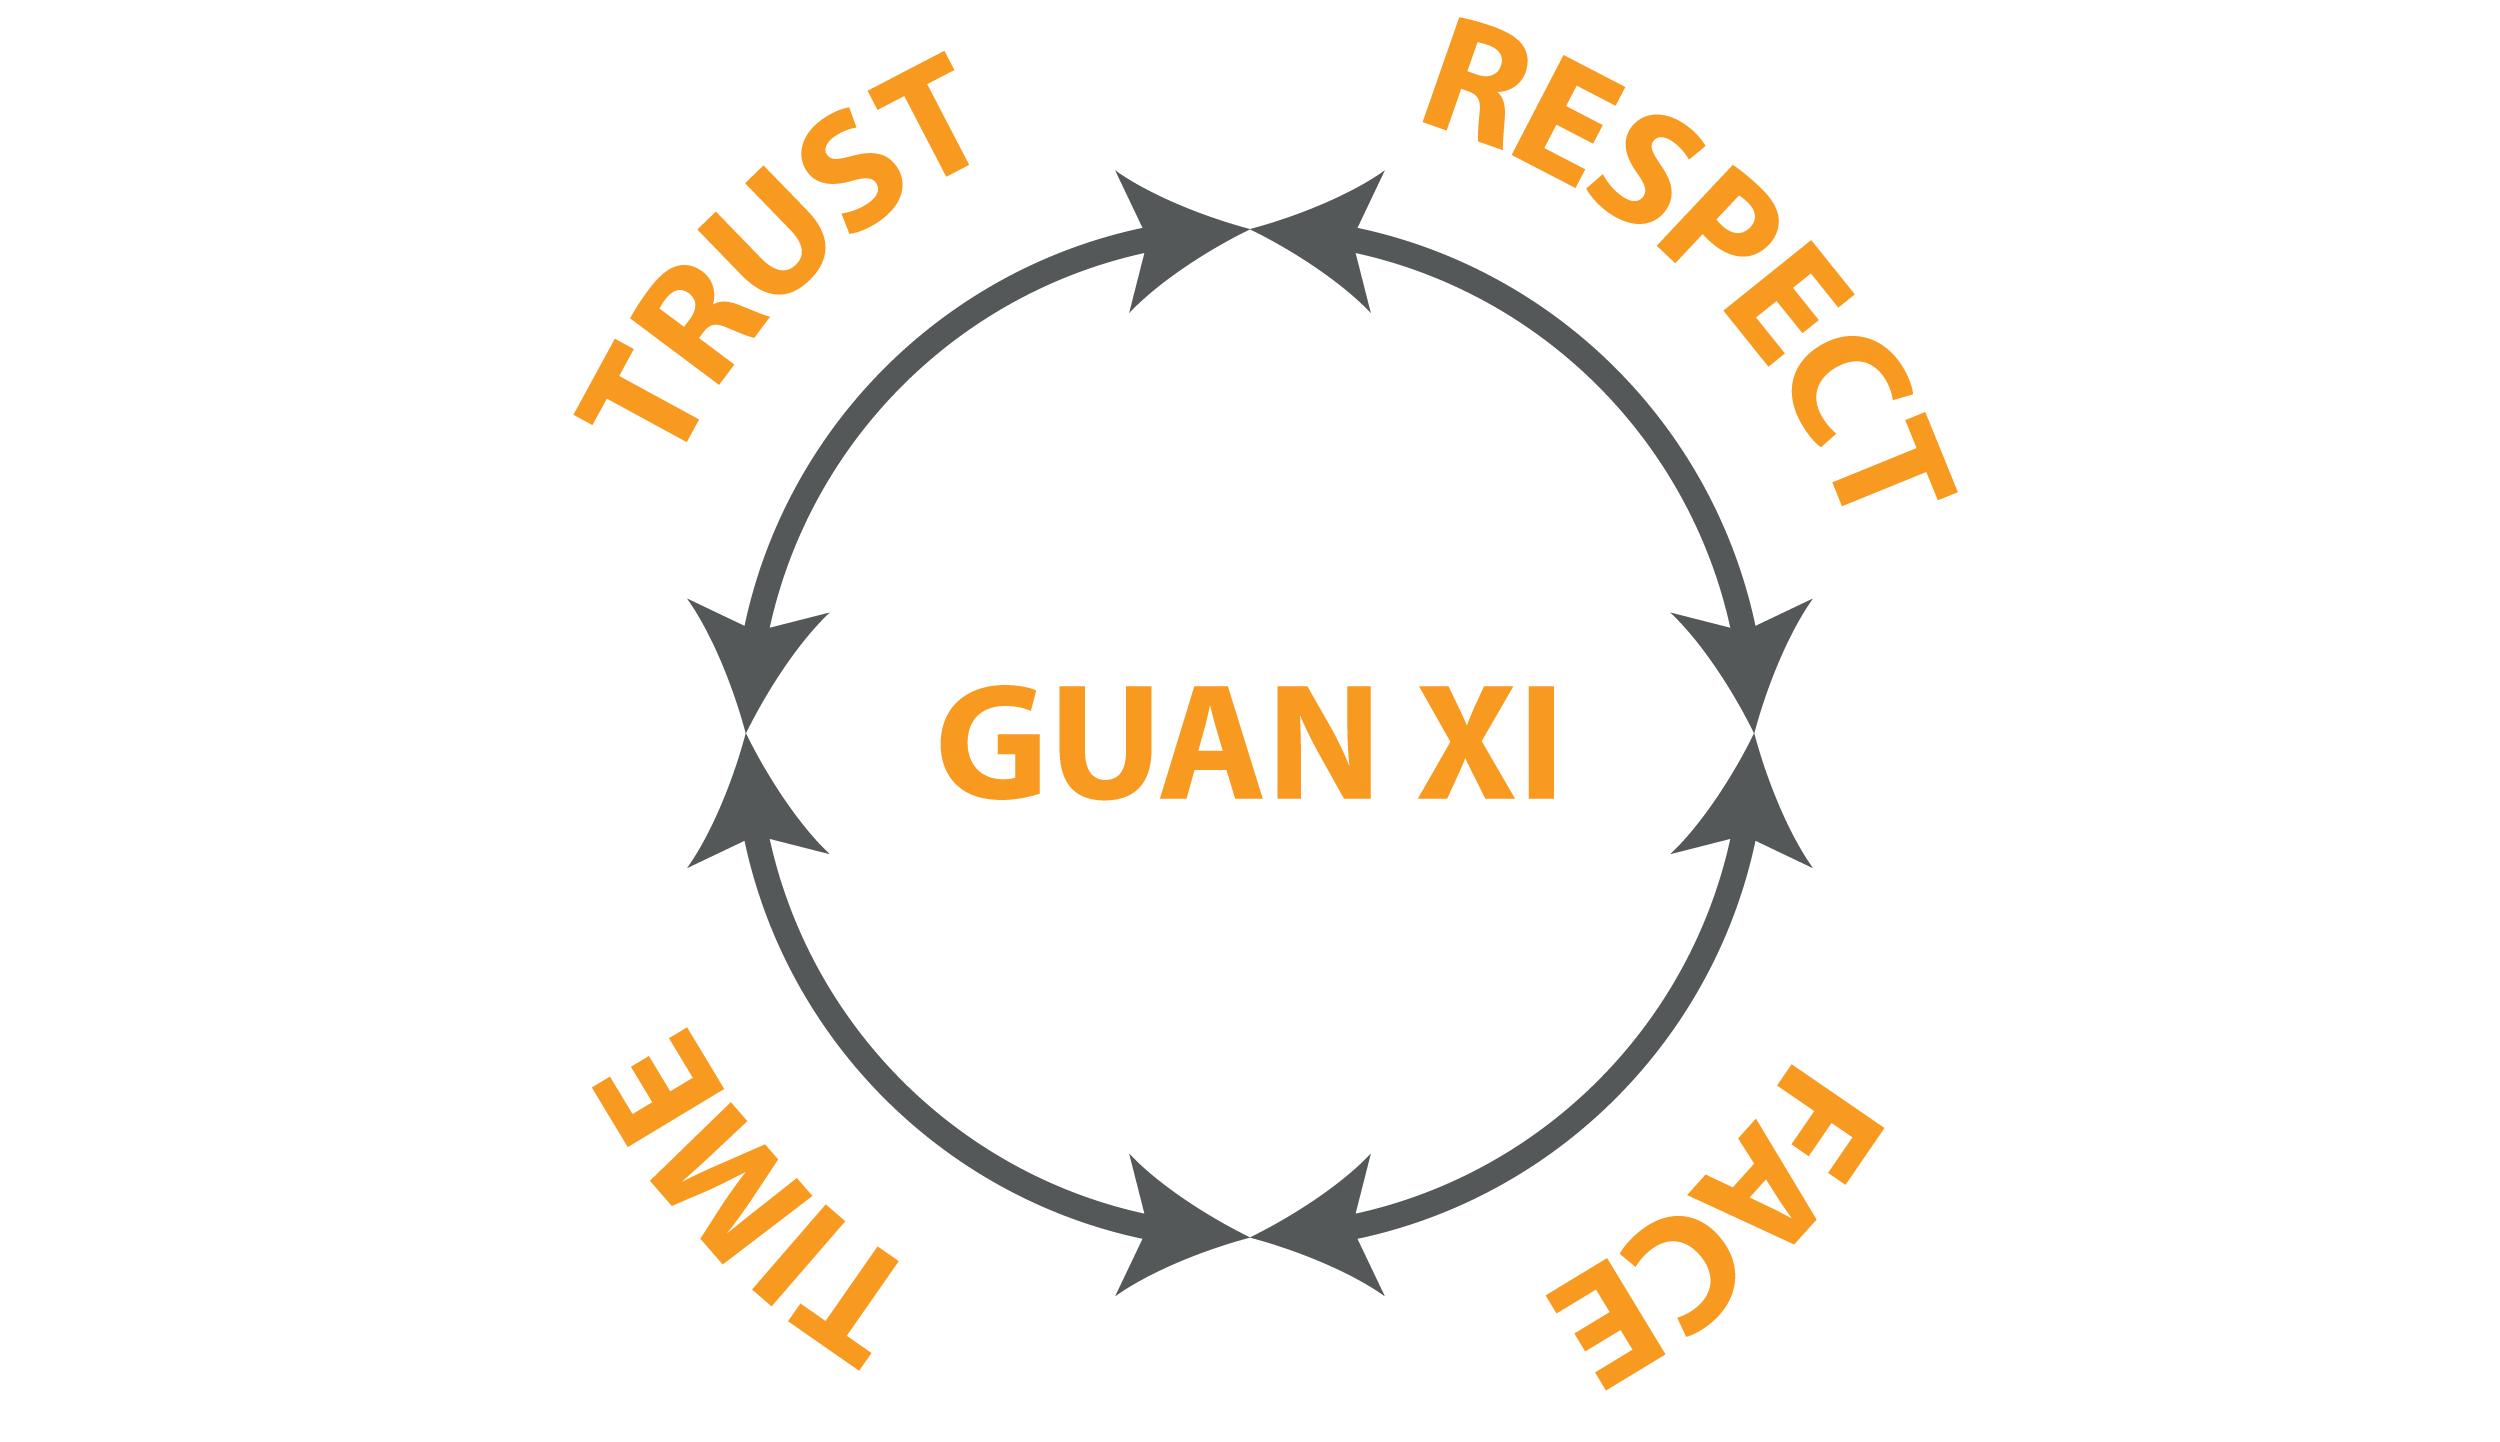 guanxiArtboard 2